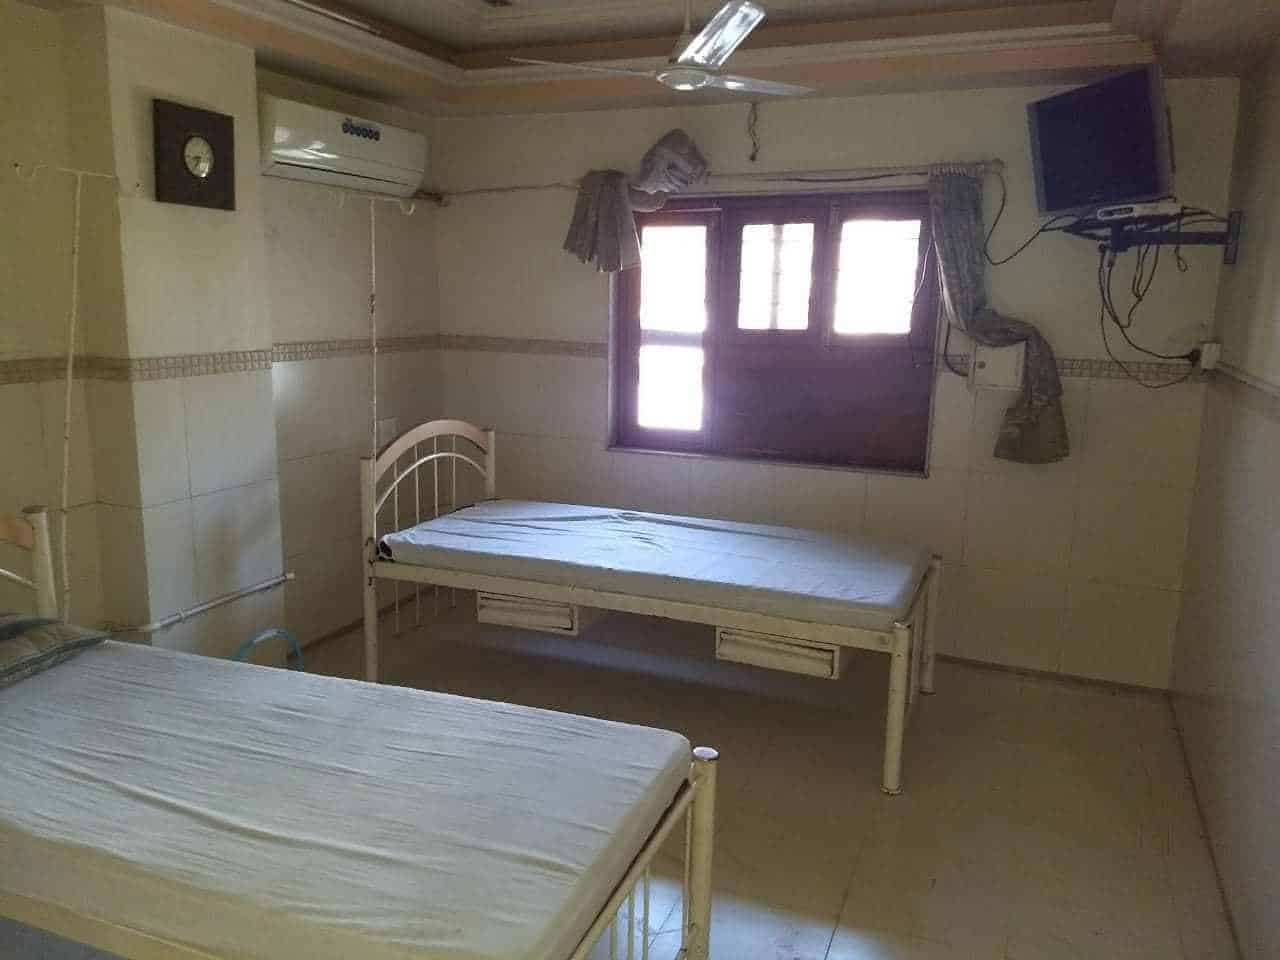 Saksham Psychiatry Hospital and De-Addiction Center – Ahmadabad, Gujarat